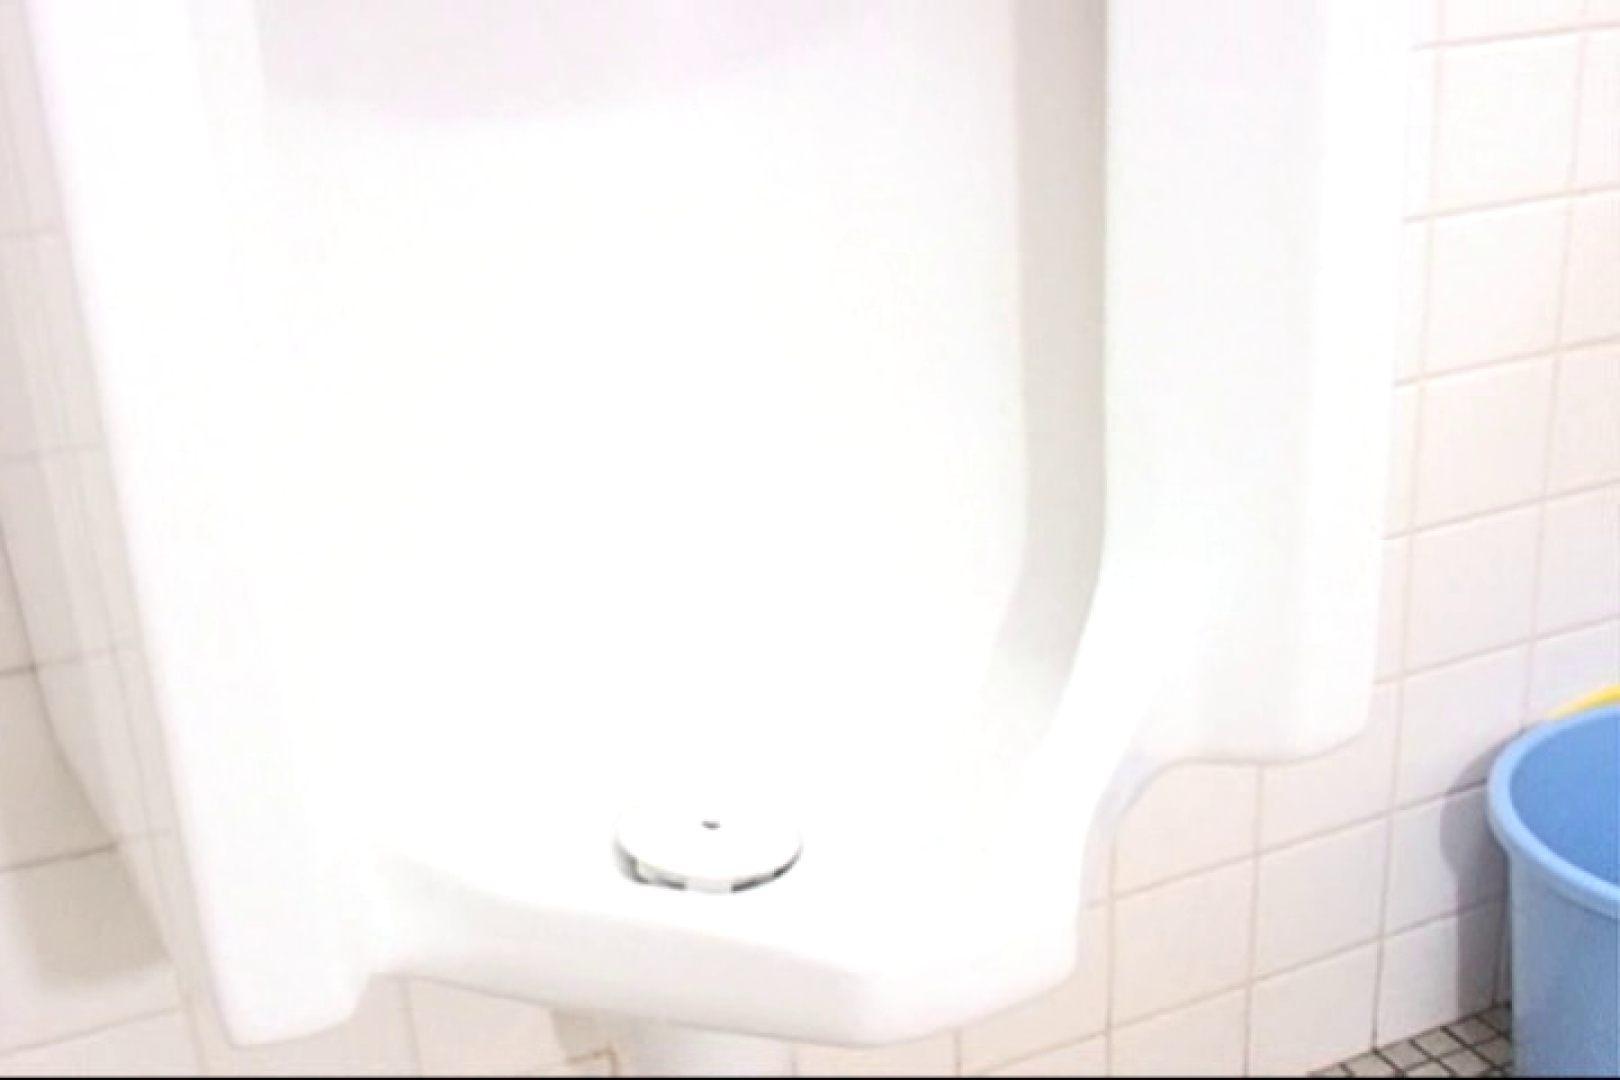 雑居ビル洗面所只今使用禁止中!Vol.6 便器盗撮  89画像 70